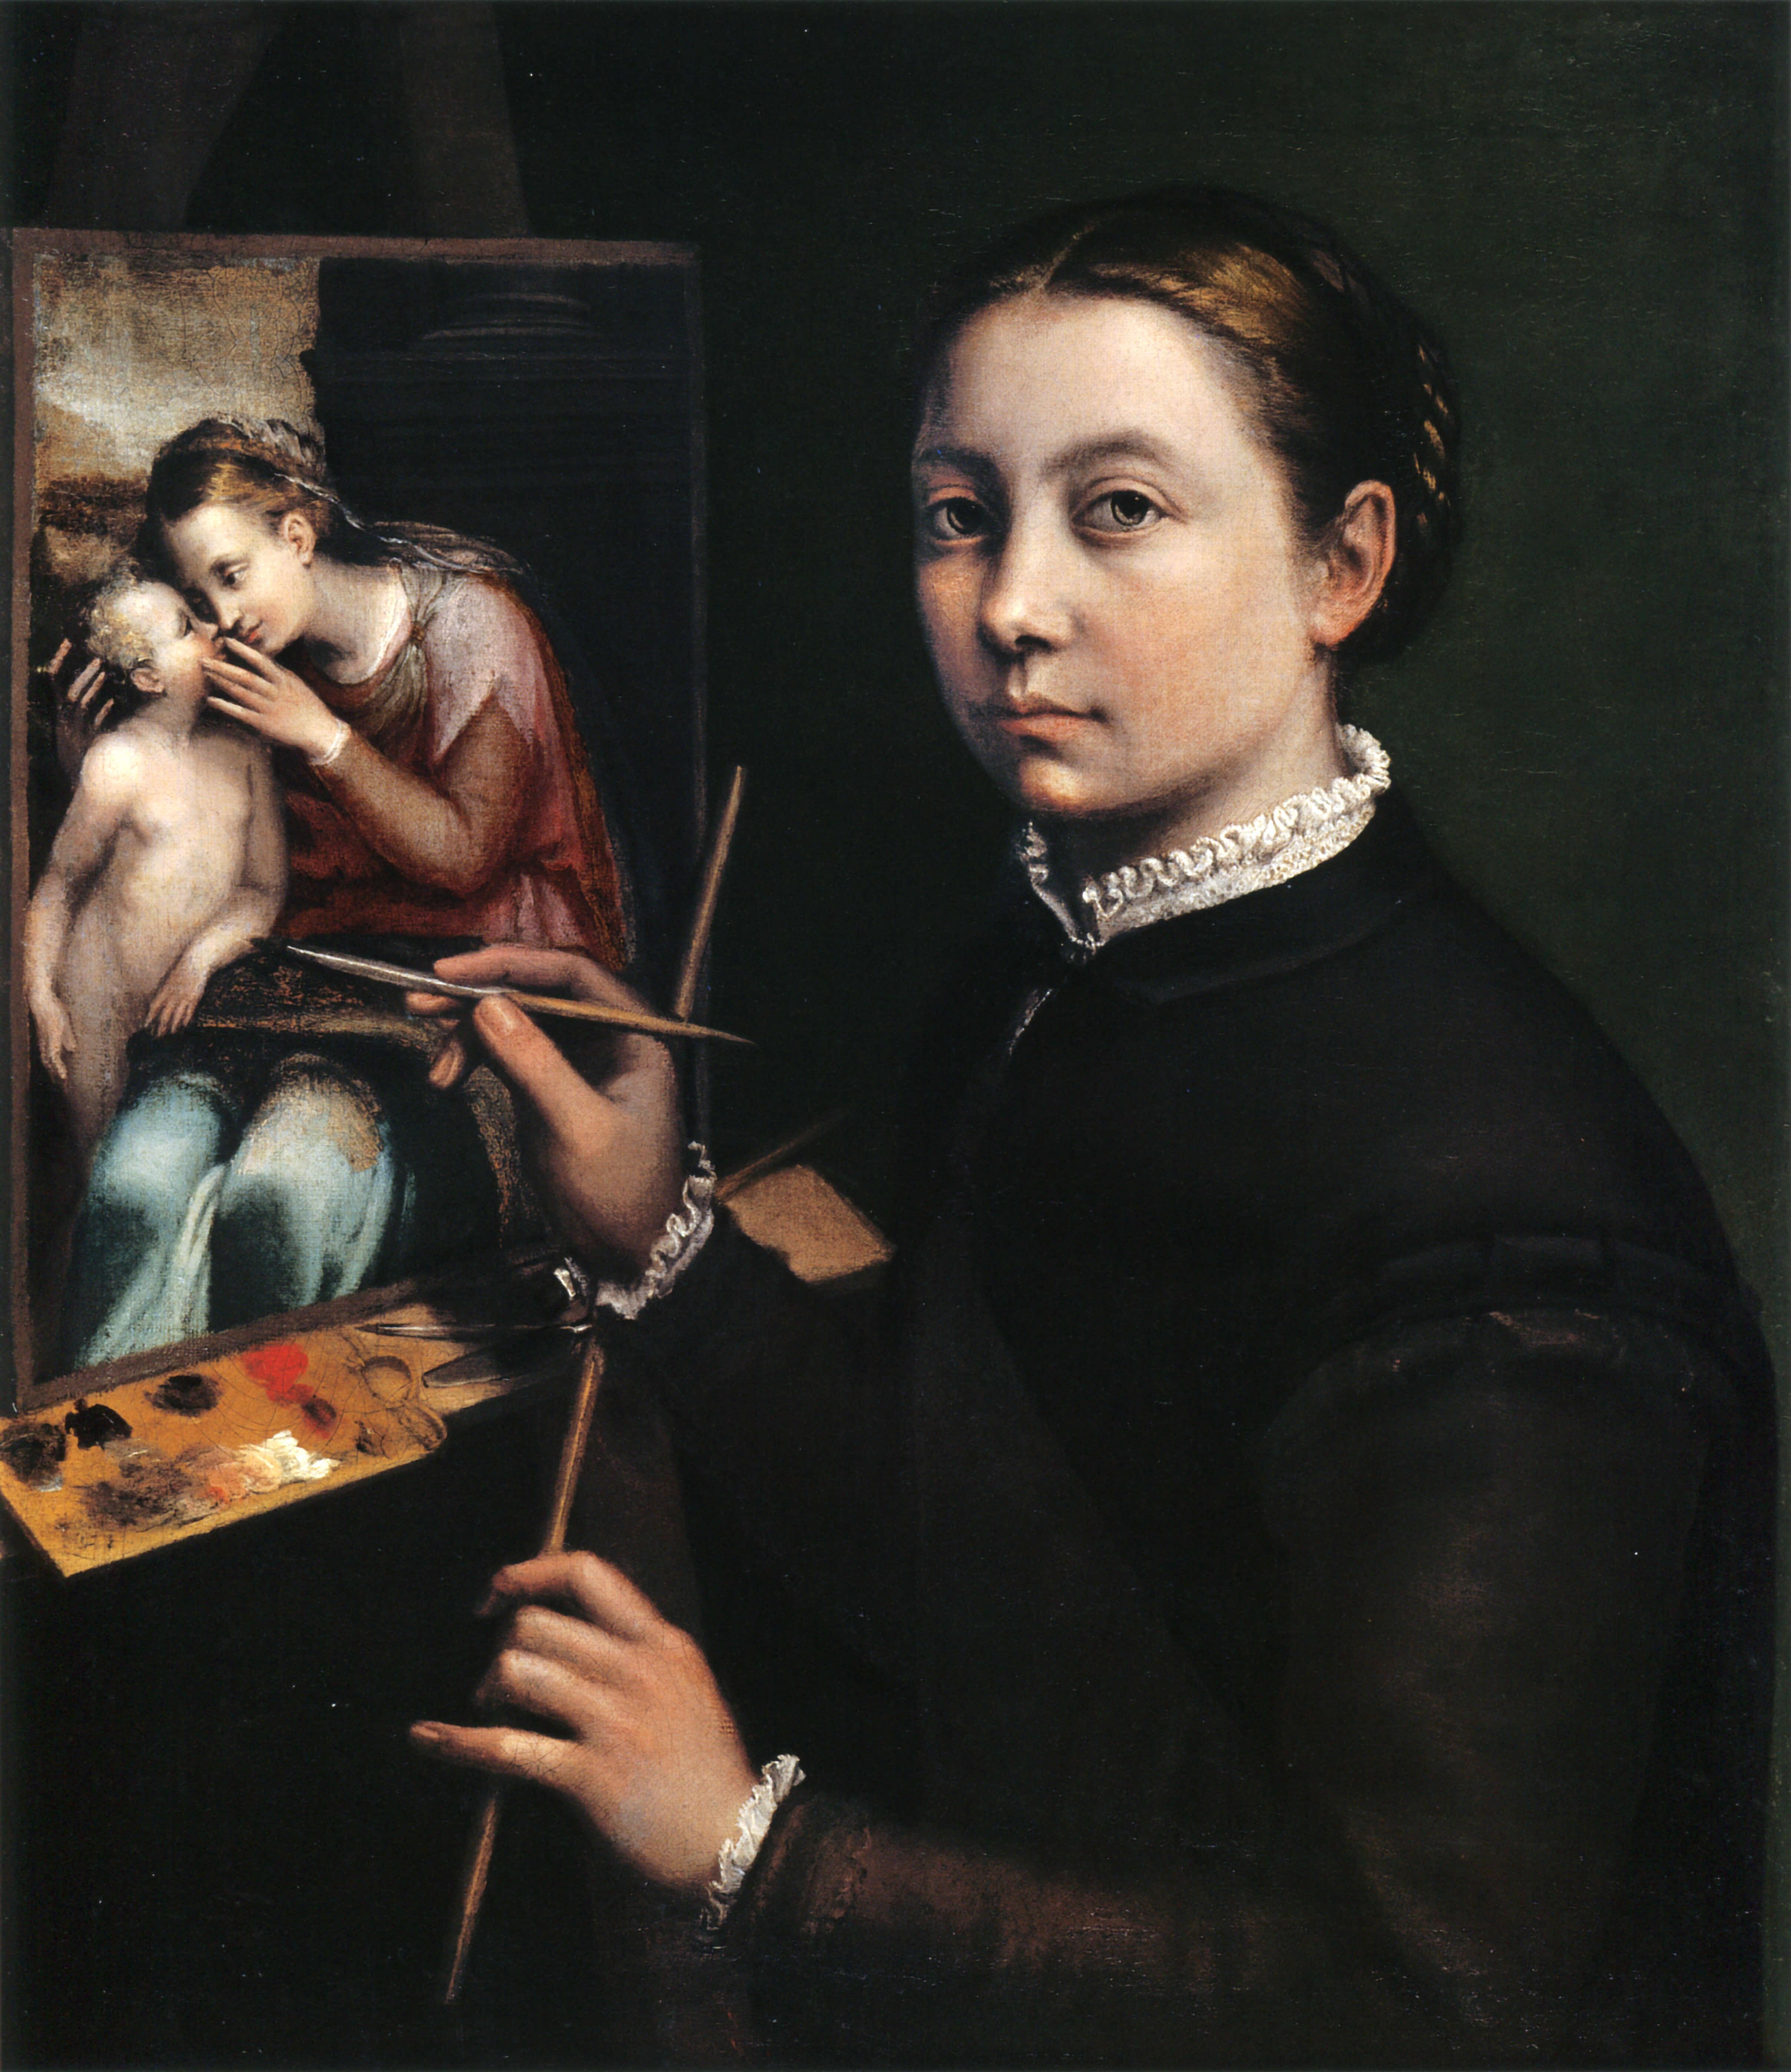 藝術史的另一半拼圖 文藝復興時期的女性成就